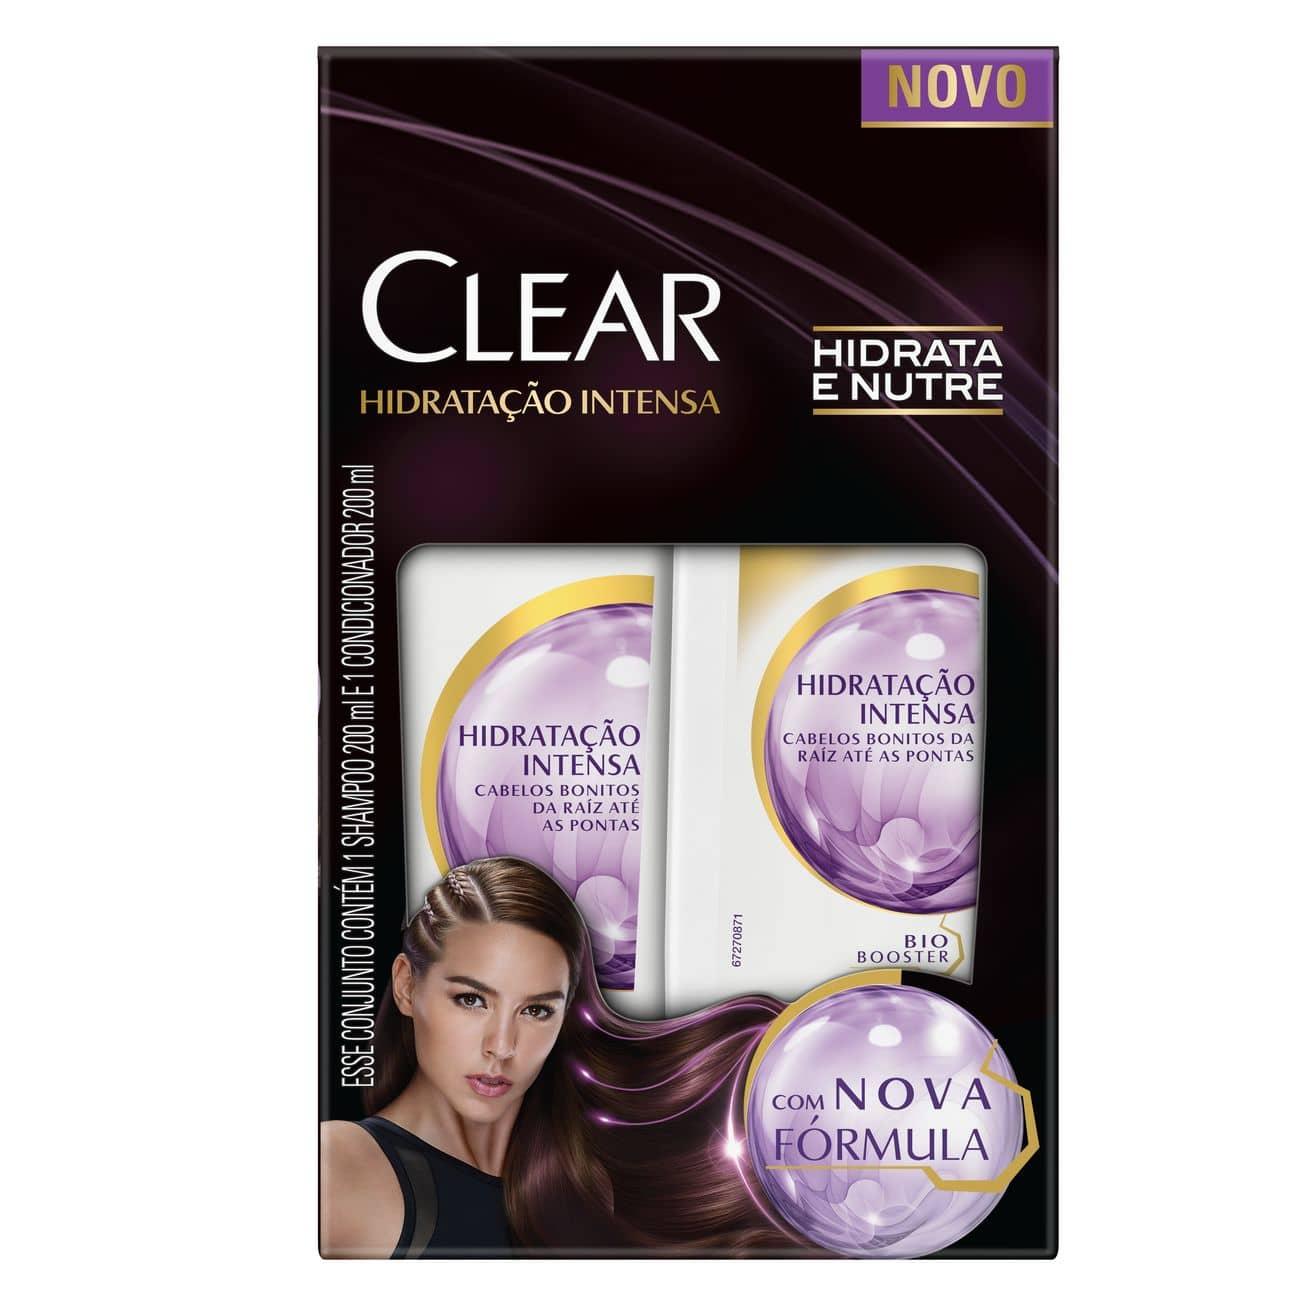 Oferta Shampoo e Condicionador Clear Hidratação Intensa 200ml